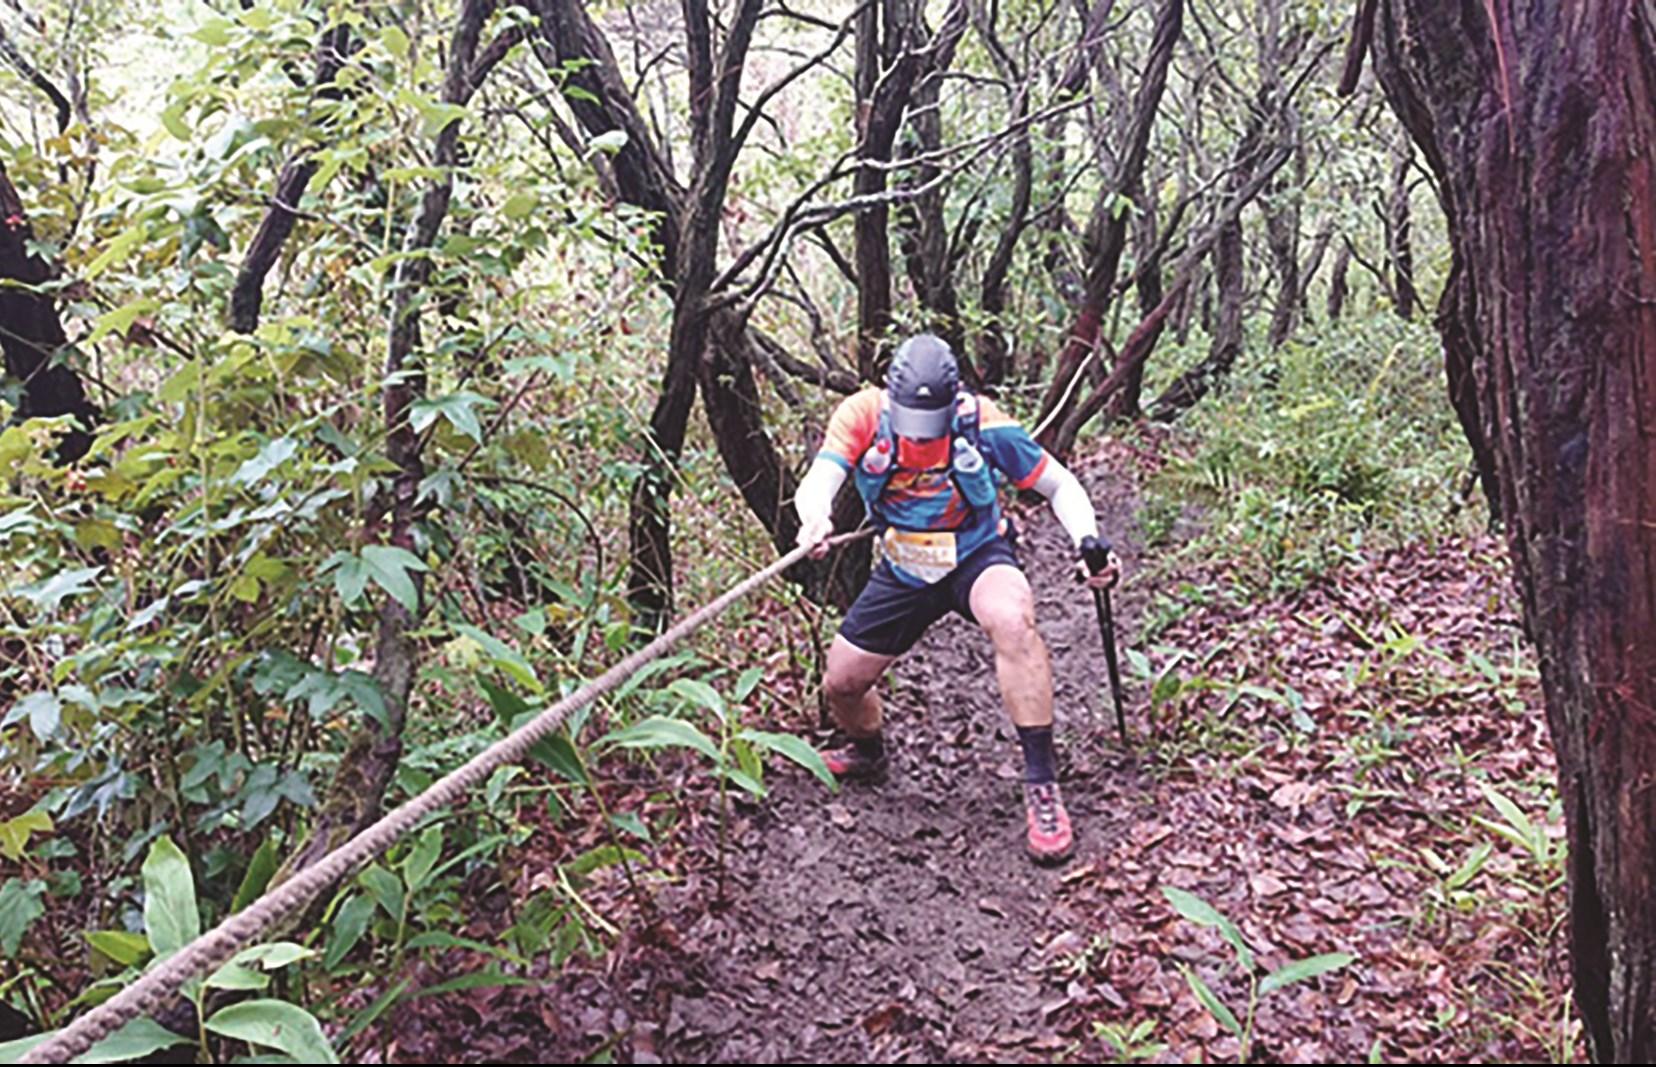 Trong cuộc thi chạy Ultra Dalat Trail, đường chạy lên đỉnh Langbiang với độ dốc hơn 40 độ, nhưng VĐV chỉ có 1 sợi dây hỗ trợ để bám leo mà không có dây an toàn